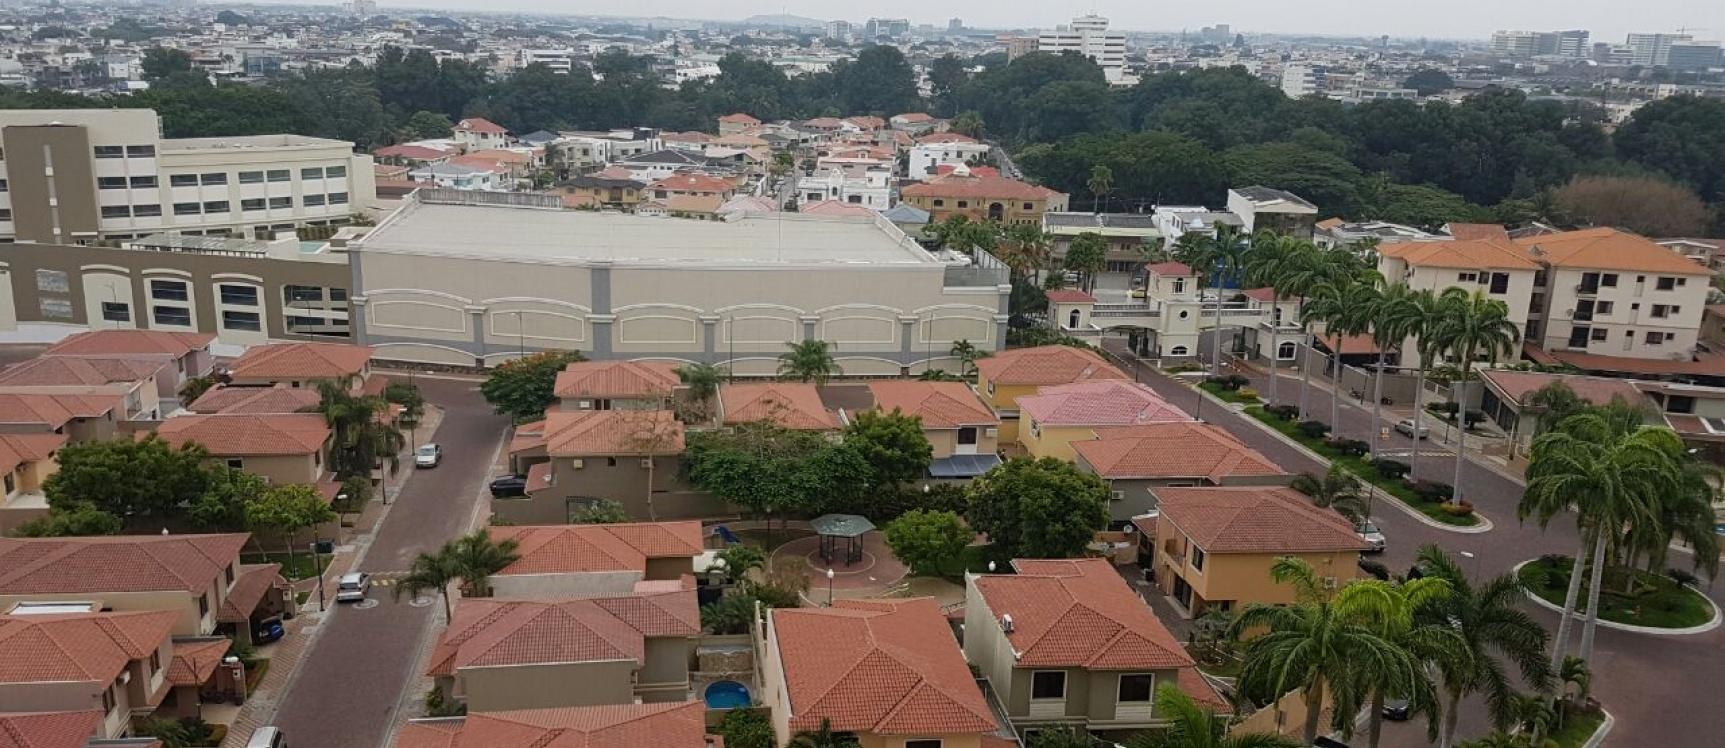 GeoBienes - Suit en venta ubicado en Ciudad Colón, Guayaquil - Plusvalia Guayaquil Casas de venta y alquiler Inmobiliaria Ecuador